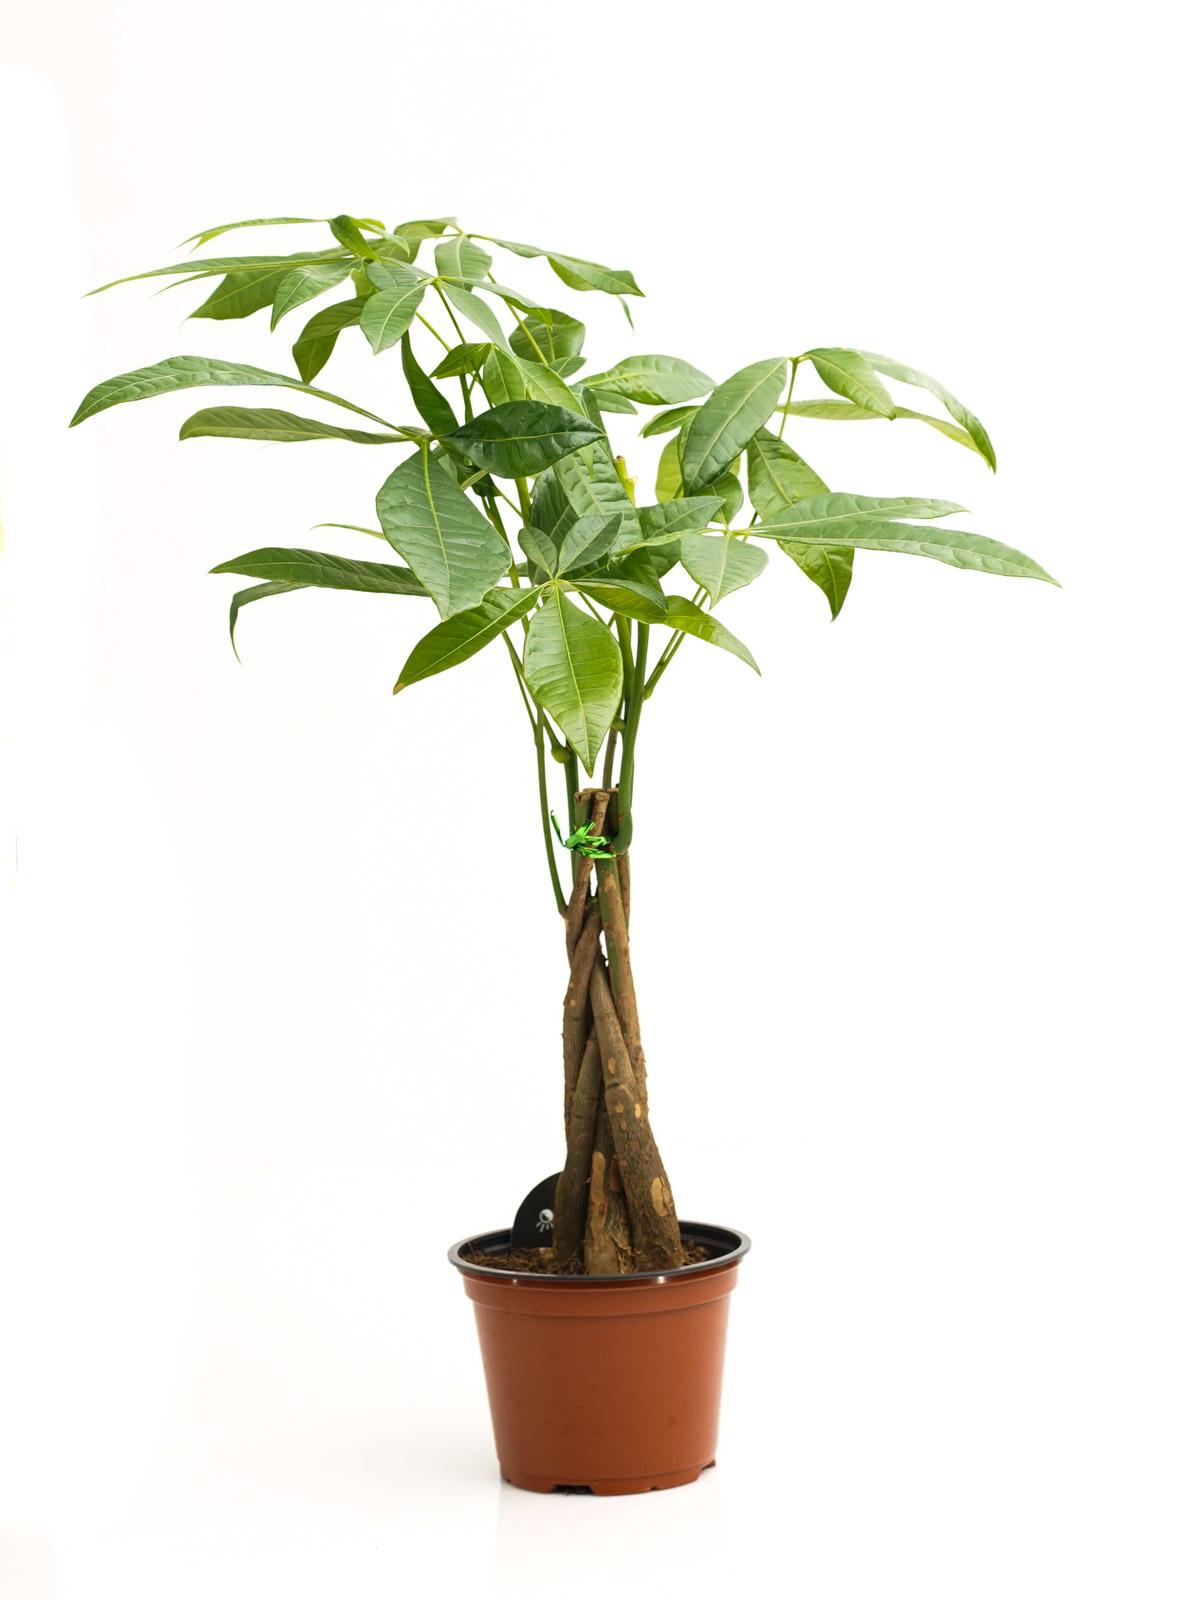 باتشيرا مجدلة صغيرة  'نباتات داخلية'